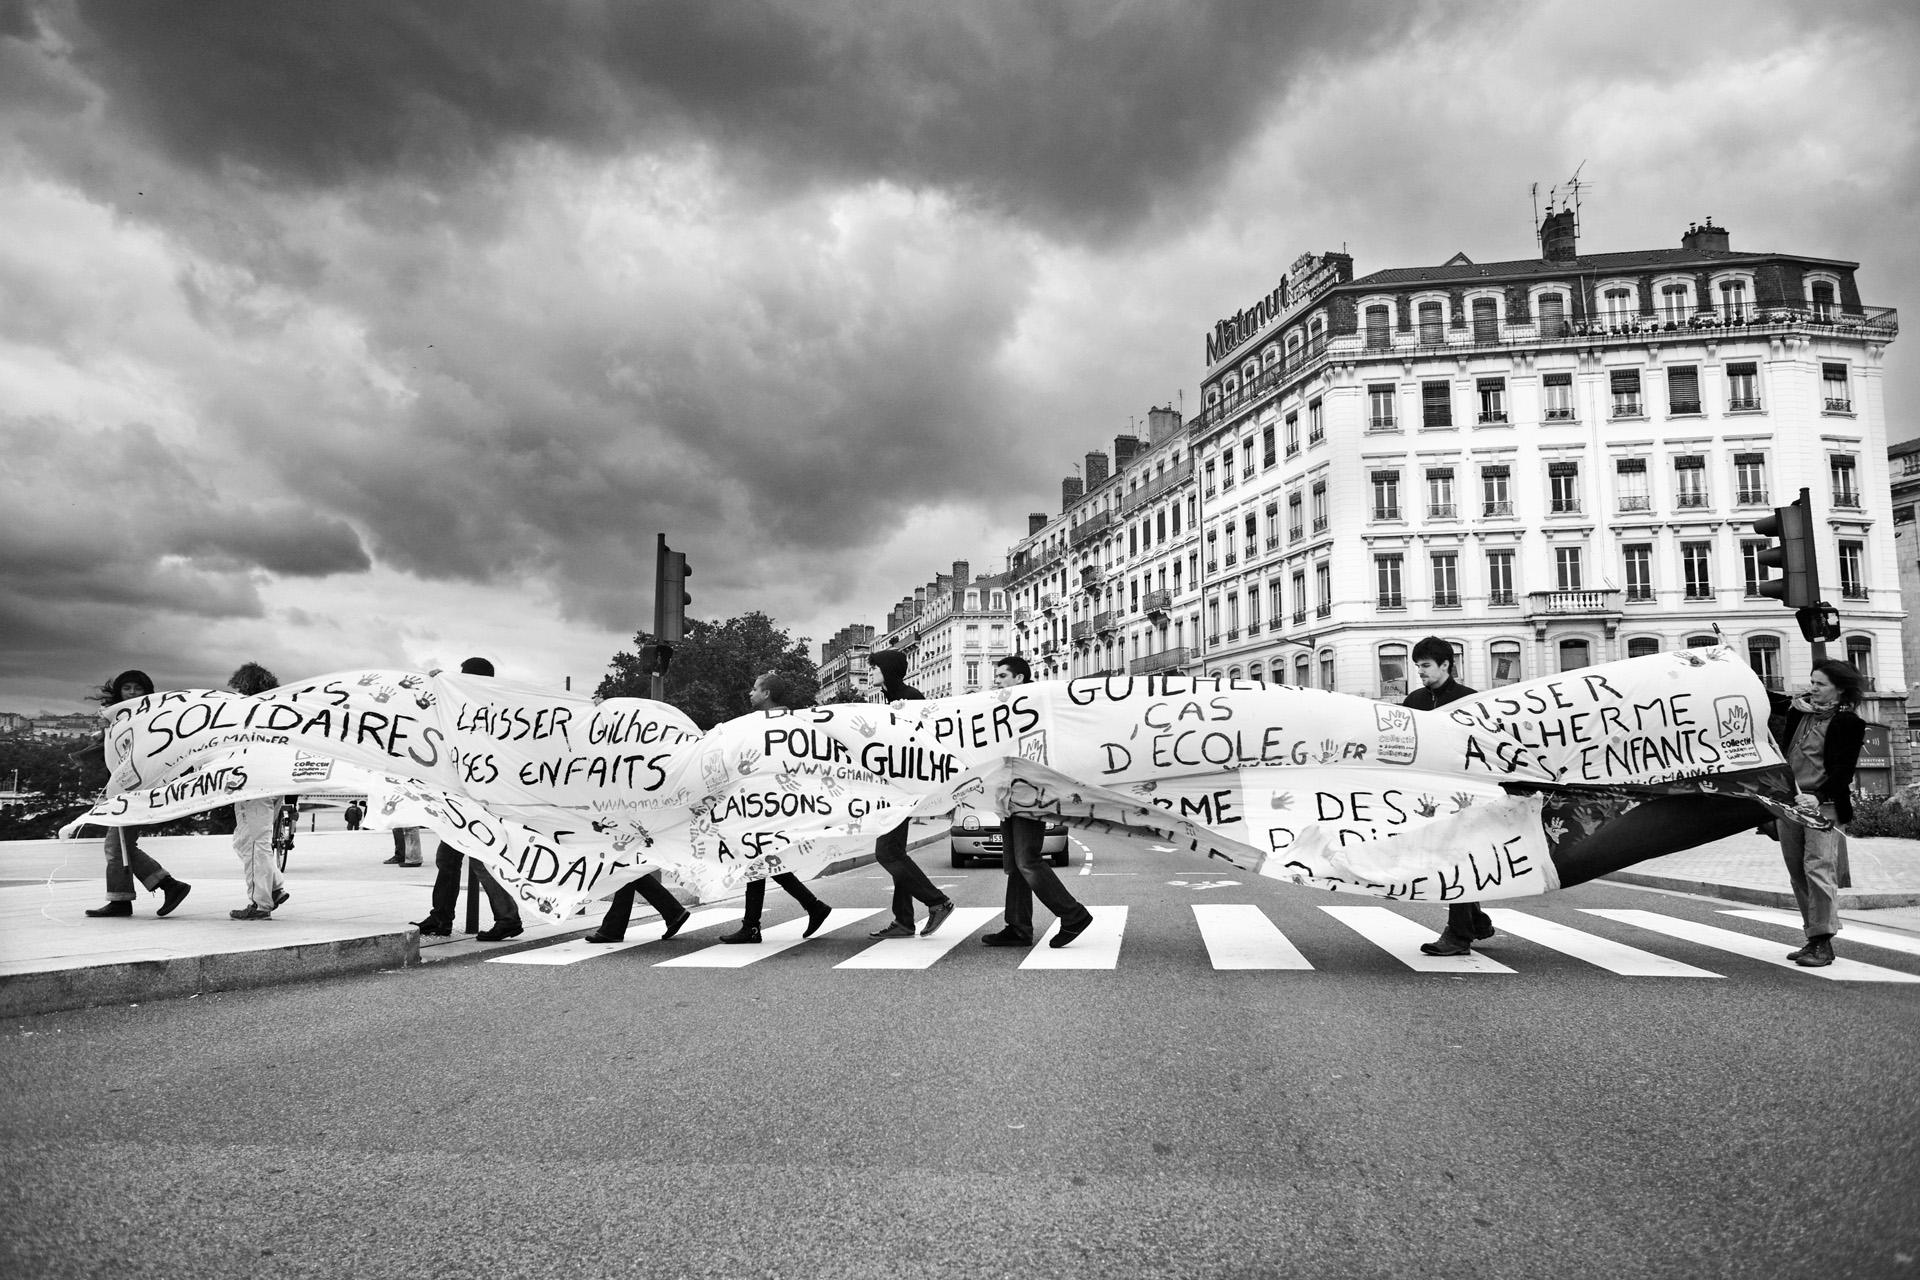 Lyon, le 20  juin 2010. Pour continuer à être visible, le collectif de soutien a fabriqué une banderole géante qu'il promène régulièrement dans les rues de Lyon et qu'il affiche à chaque événement culturel.